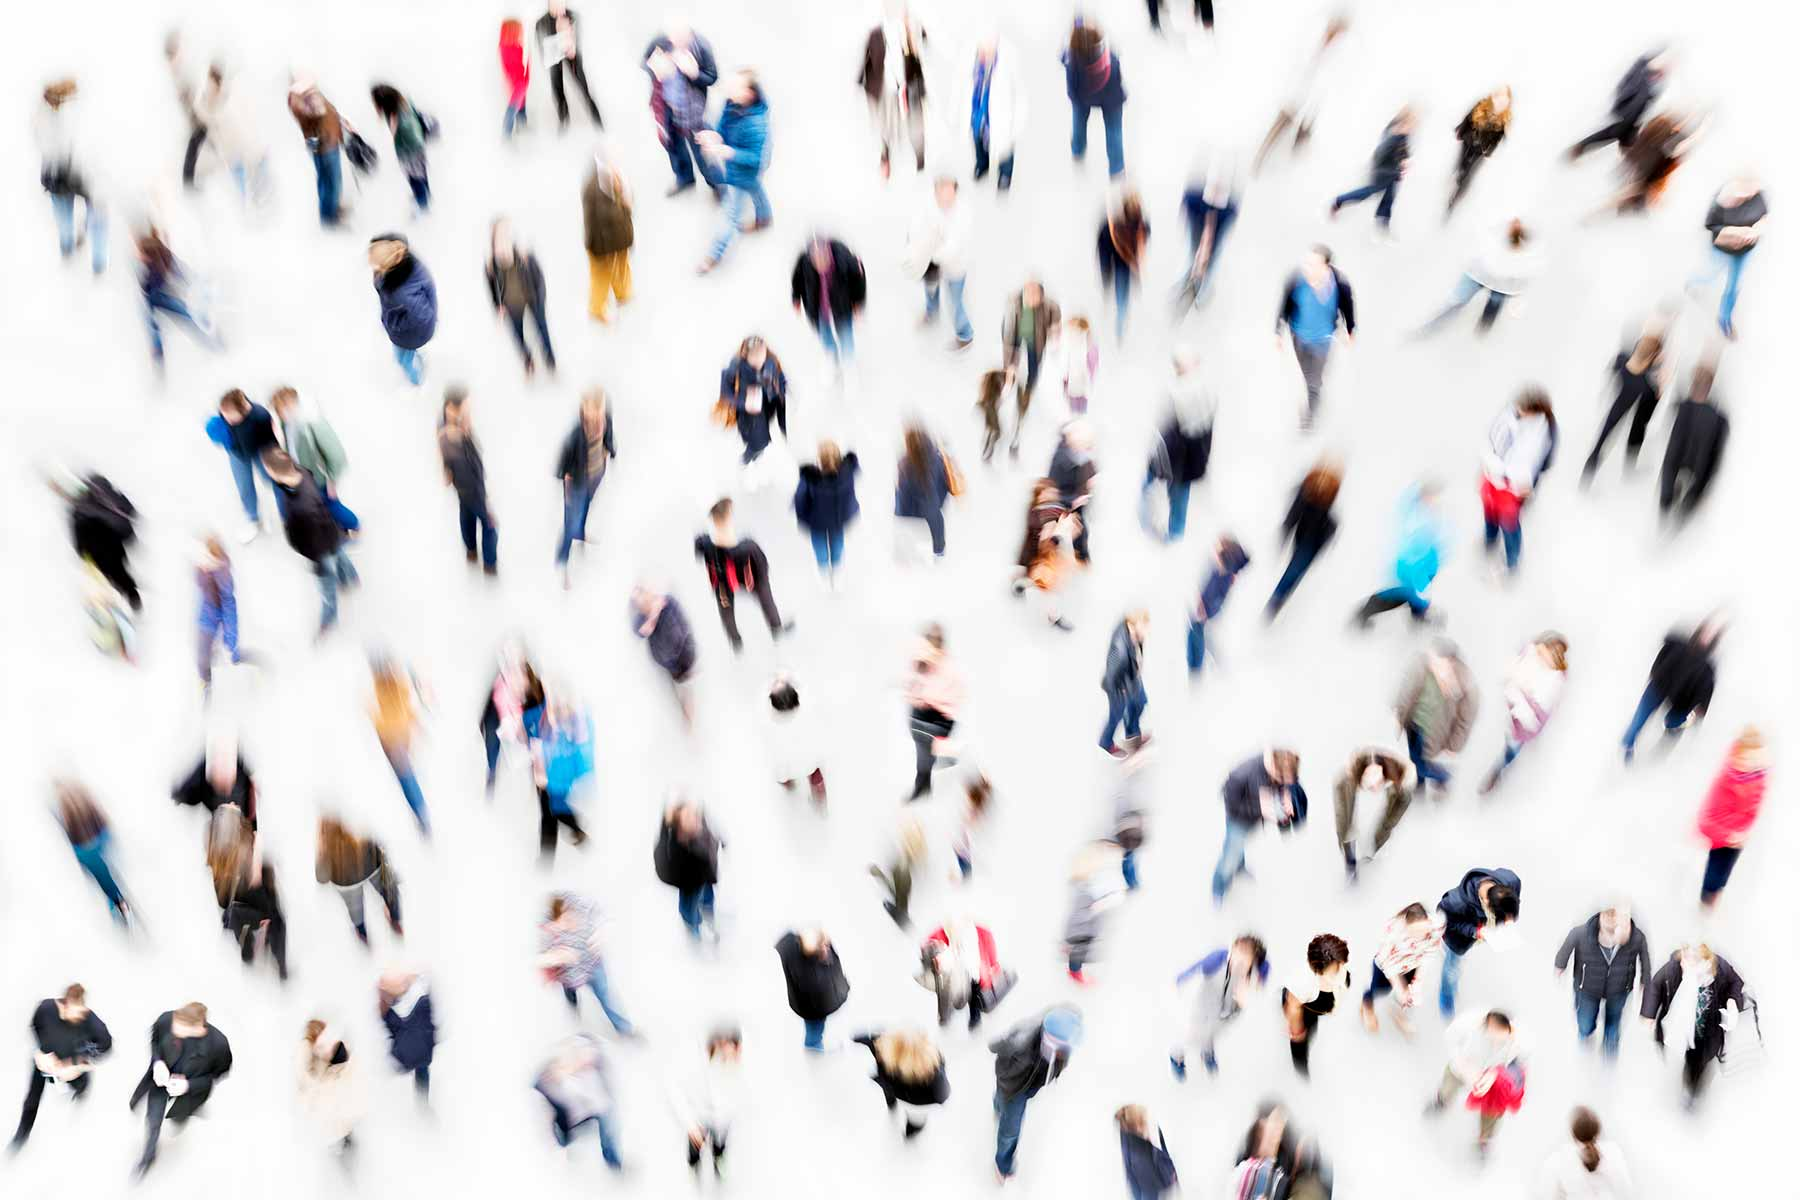 Financement participatif : un marché en transition